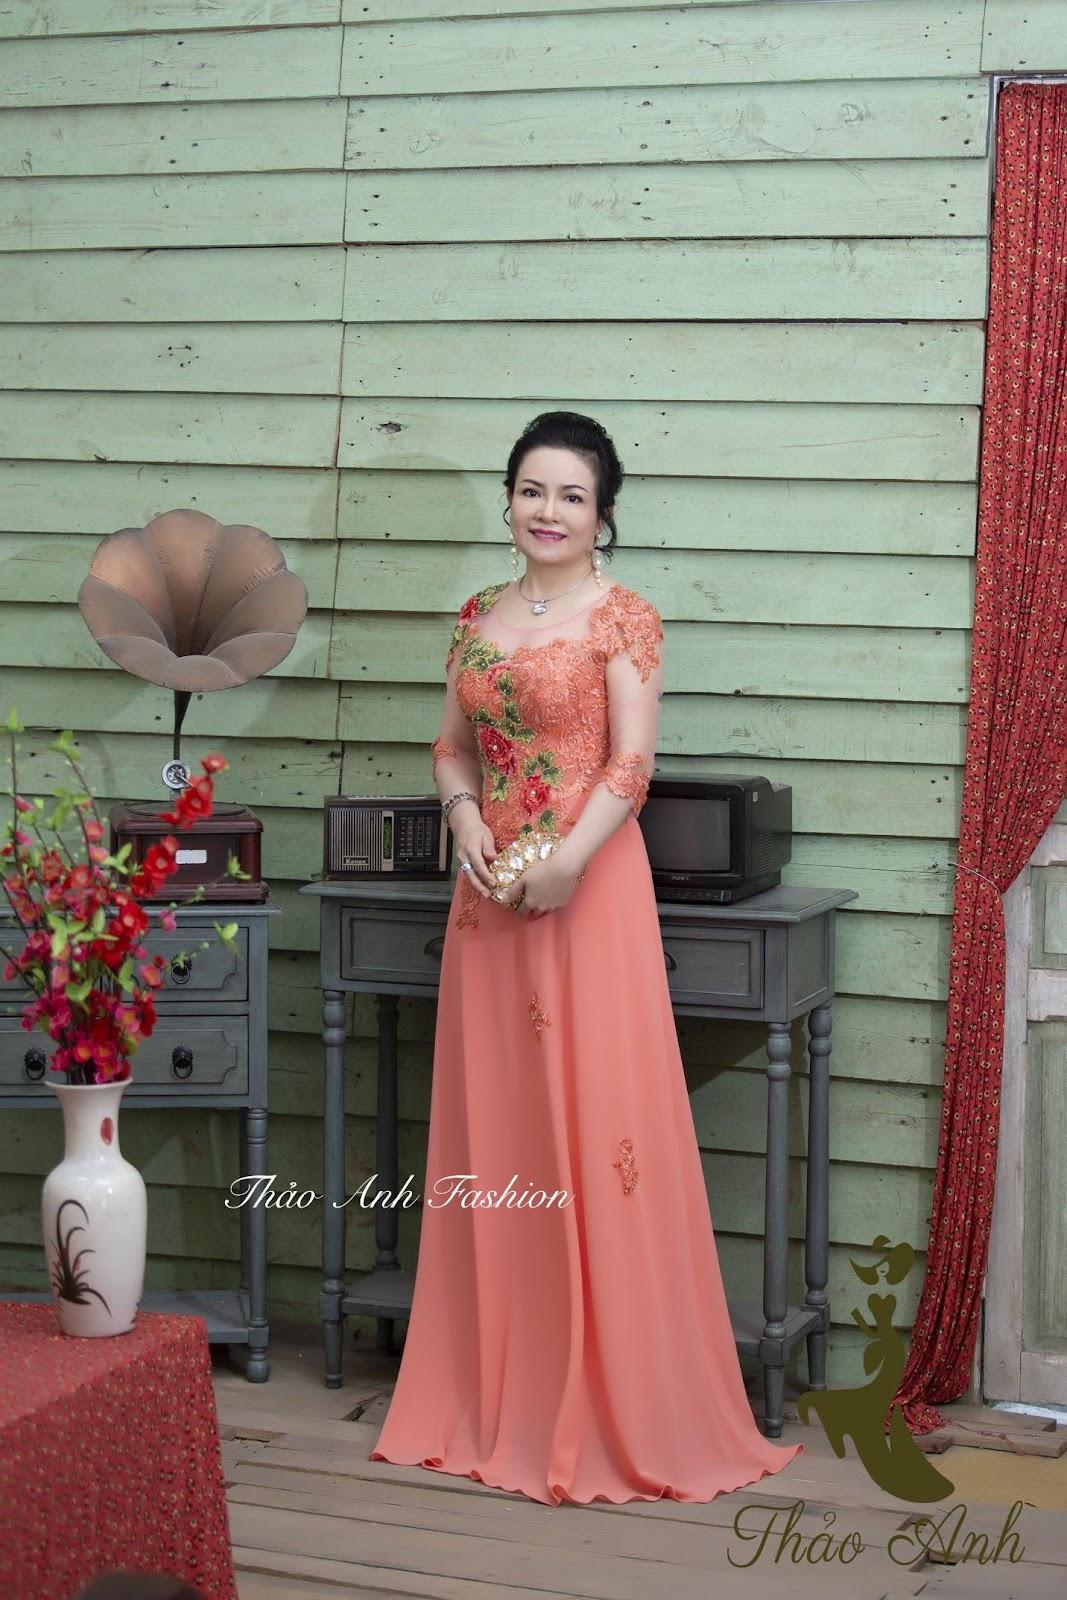 Làm thế nào để chọn đầm dạ hội trung niên phù hợp vóc dáng nhất?